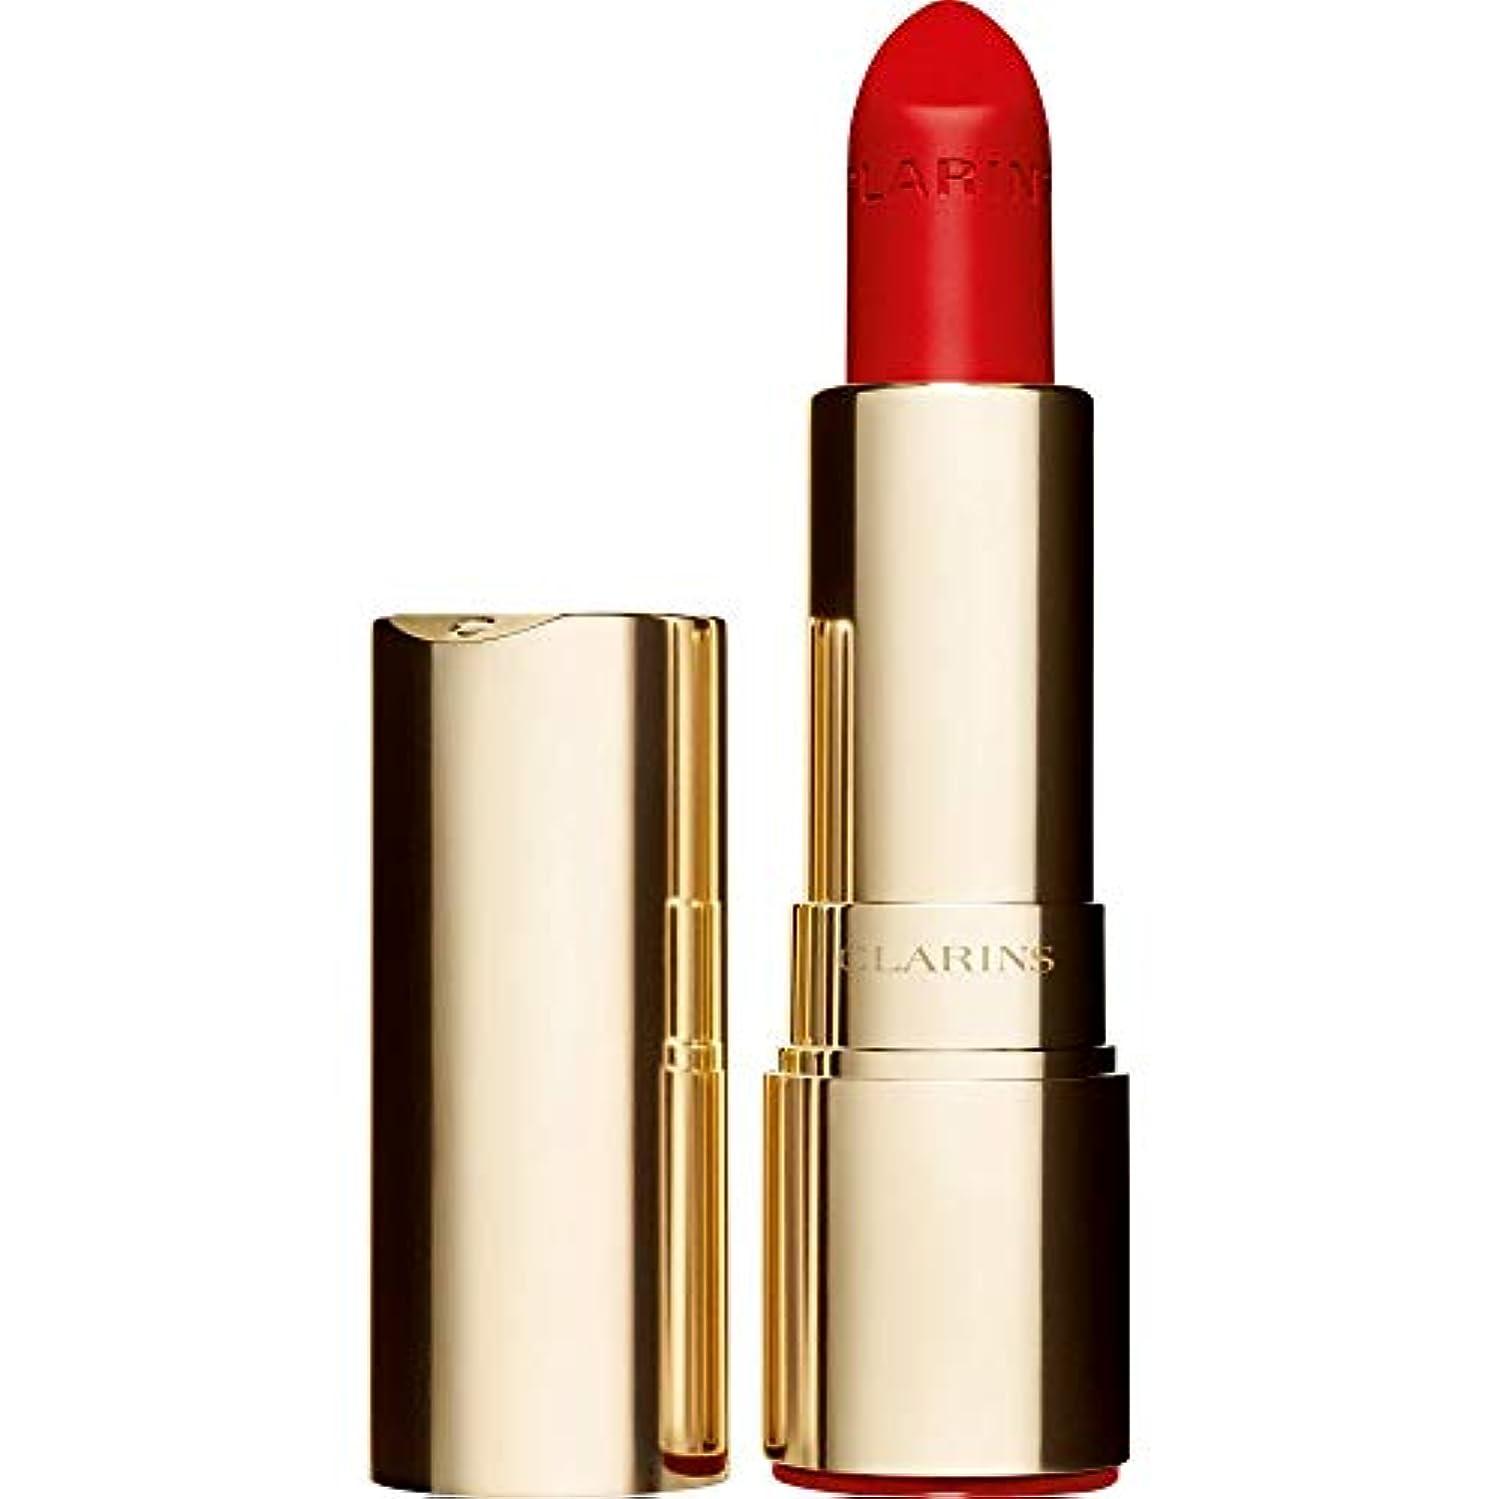 バランスのとれたソーダ水松の木[Clarins ] クラランスジョリルージュのベルベットの口紅3.5グラムの741V - 赤、オレンジ - Clarins Joli Rouge Velvet Lipstick 3.5g 741V - Red Orange...